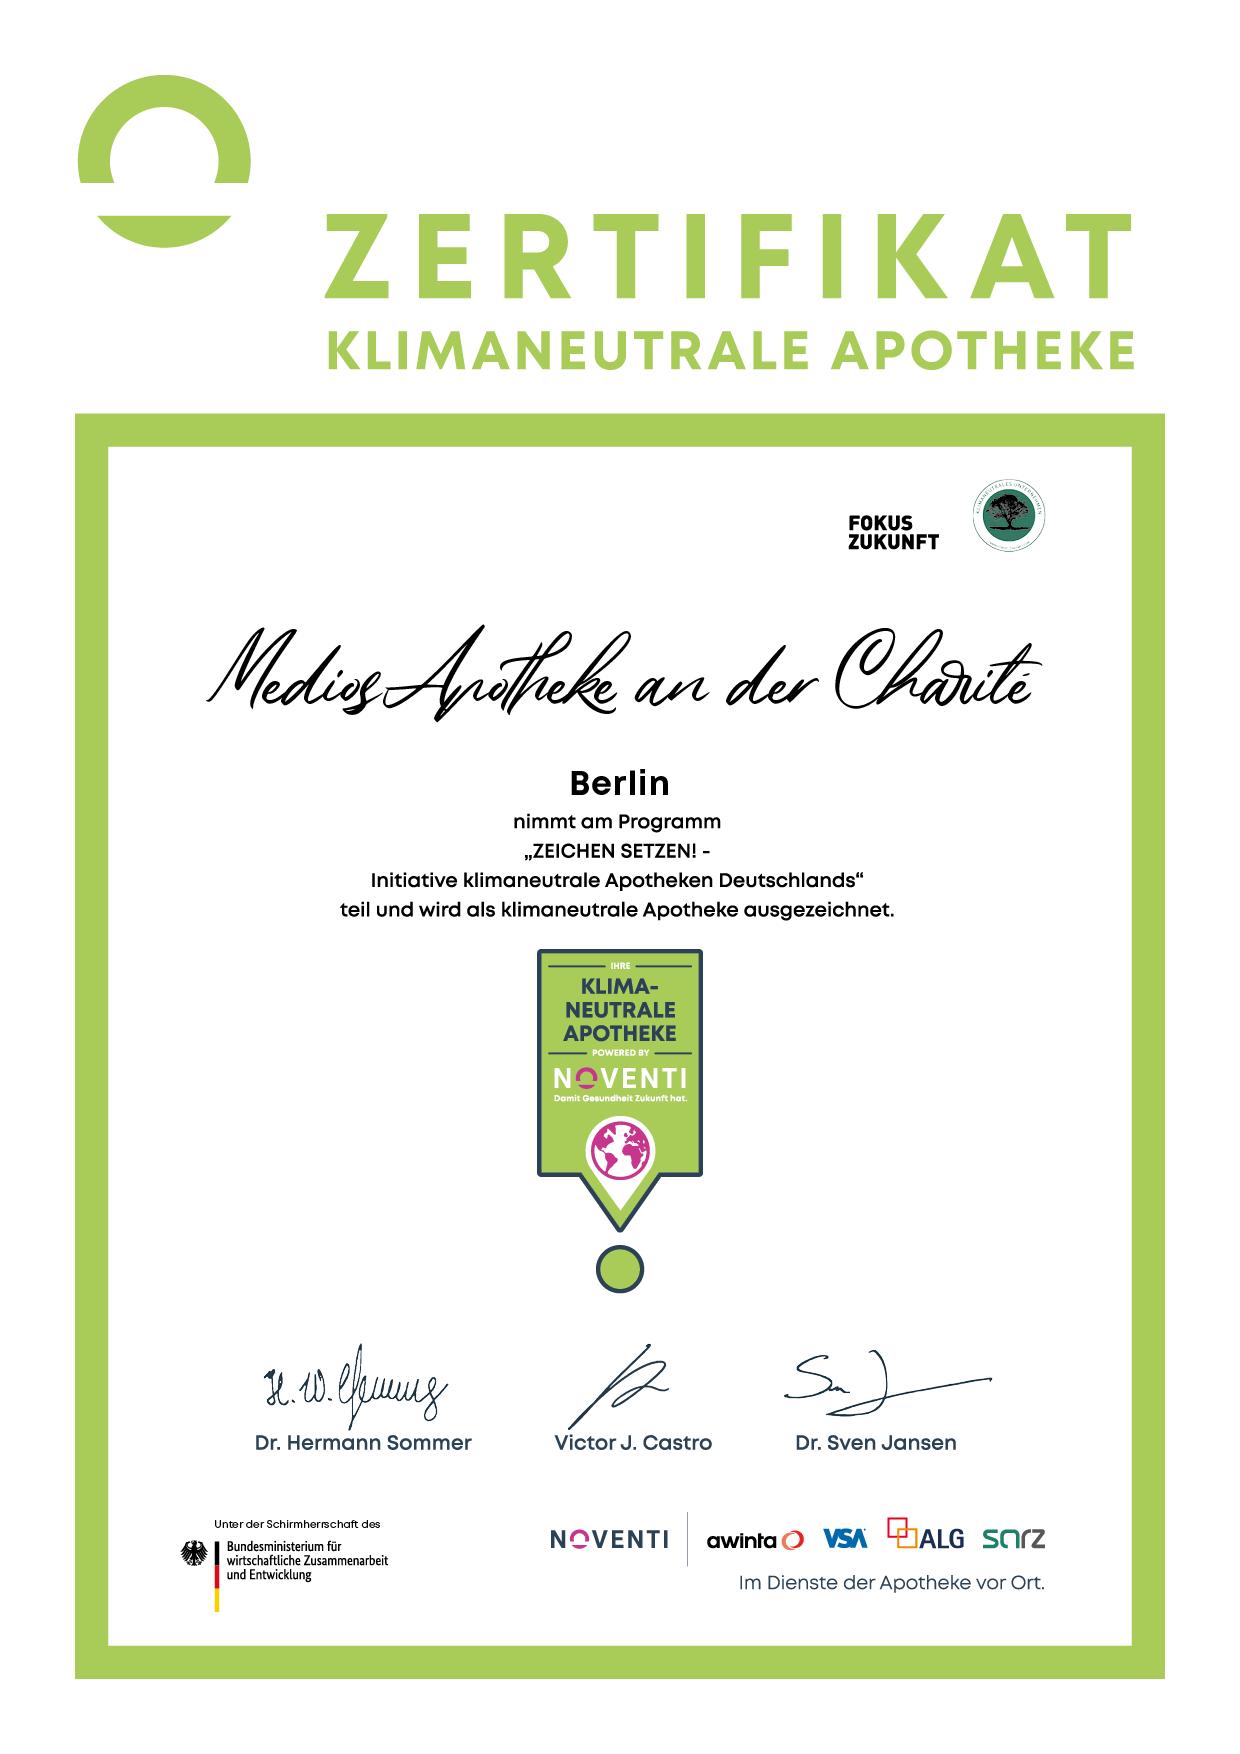 MediosApotheke Noventi Auszeichnung Umweltschutz